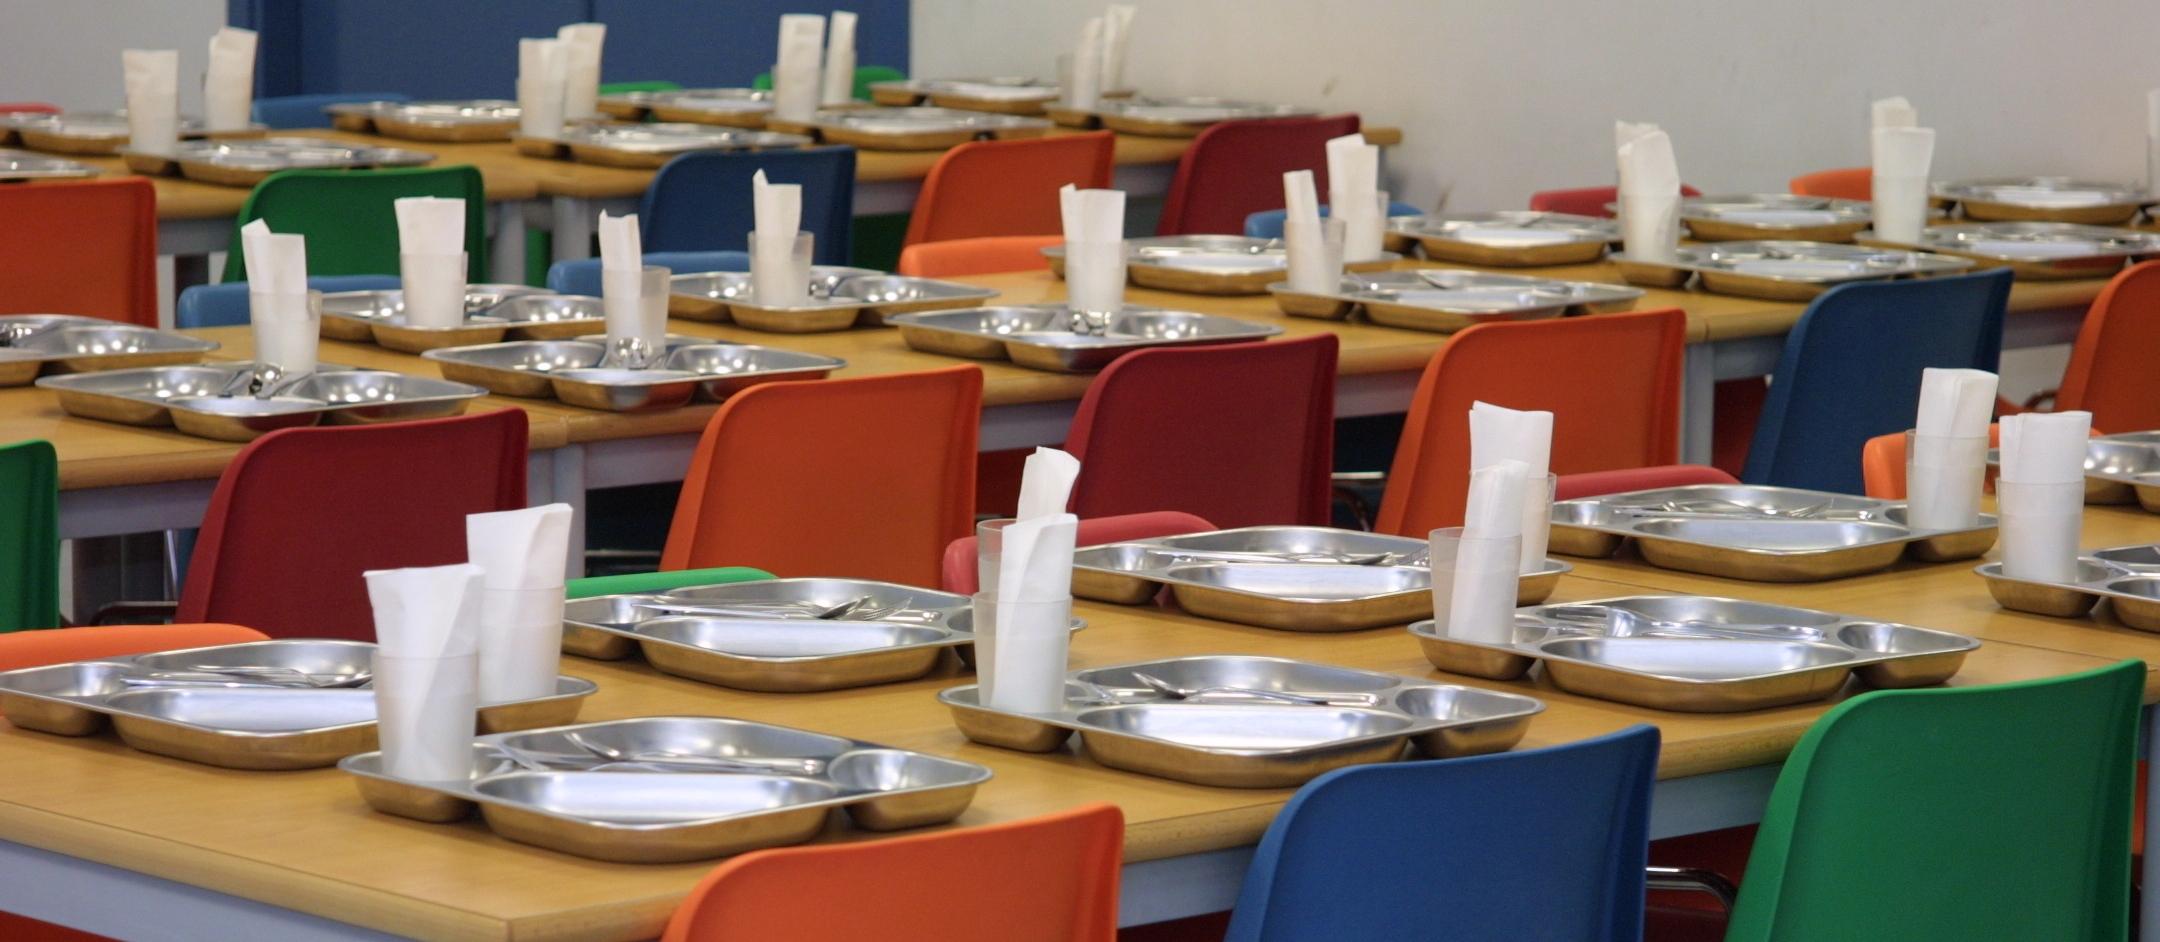 El comedor escolar como campo de batalla. | alimentando ...